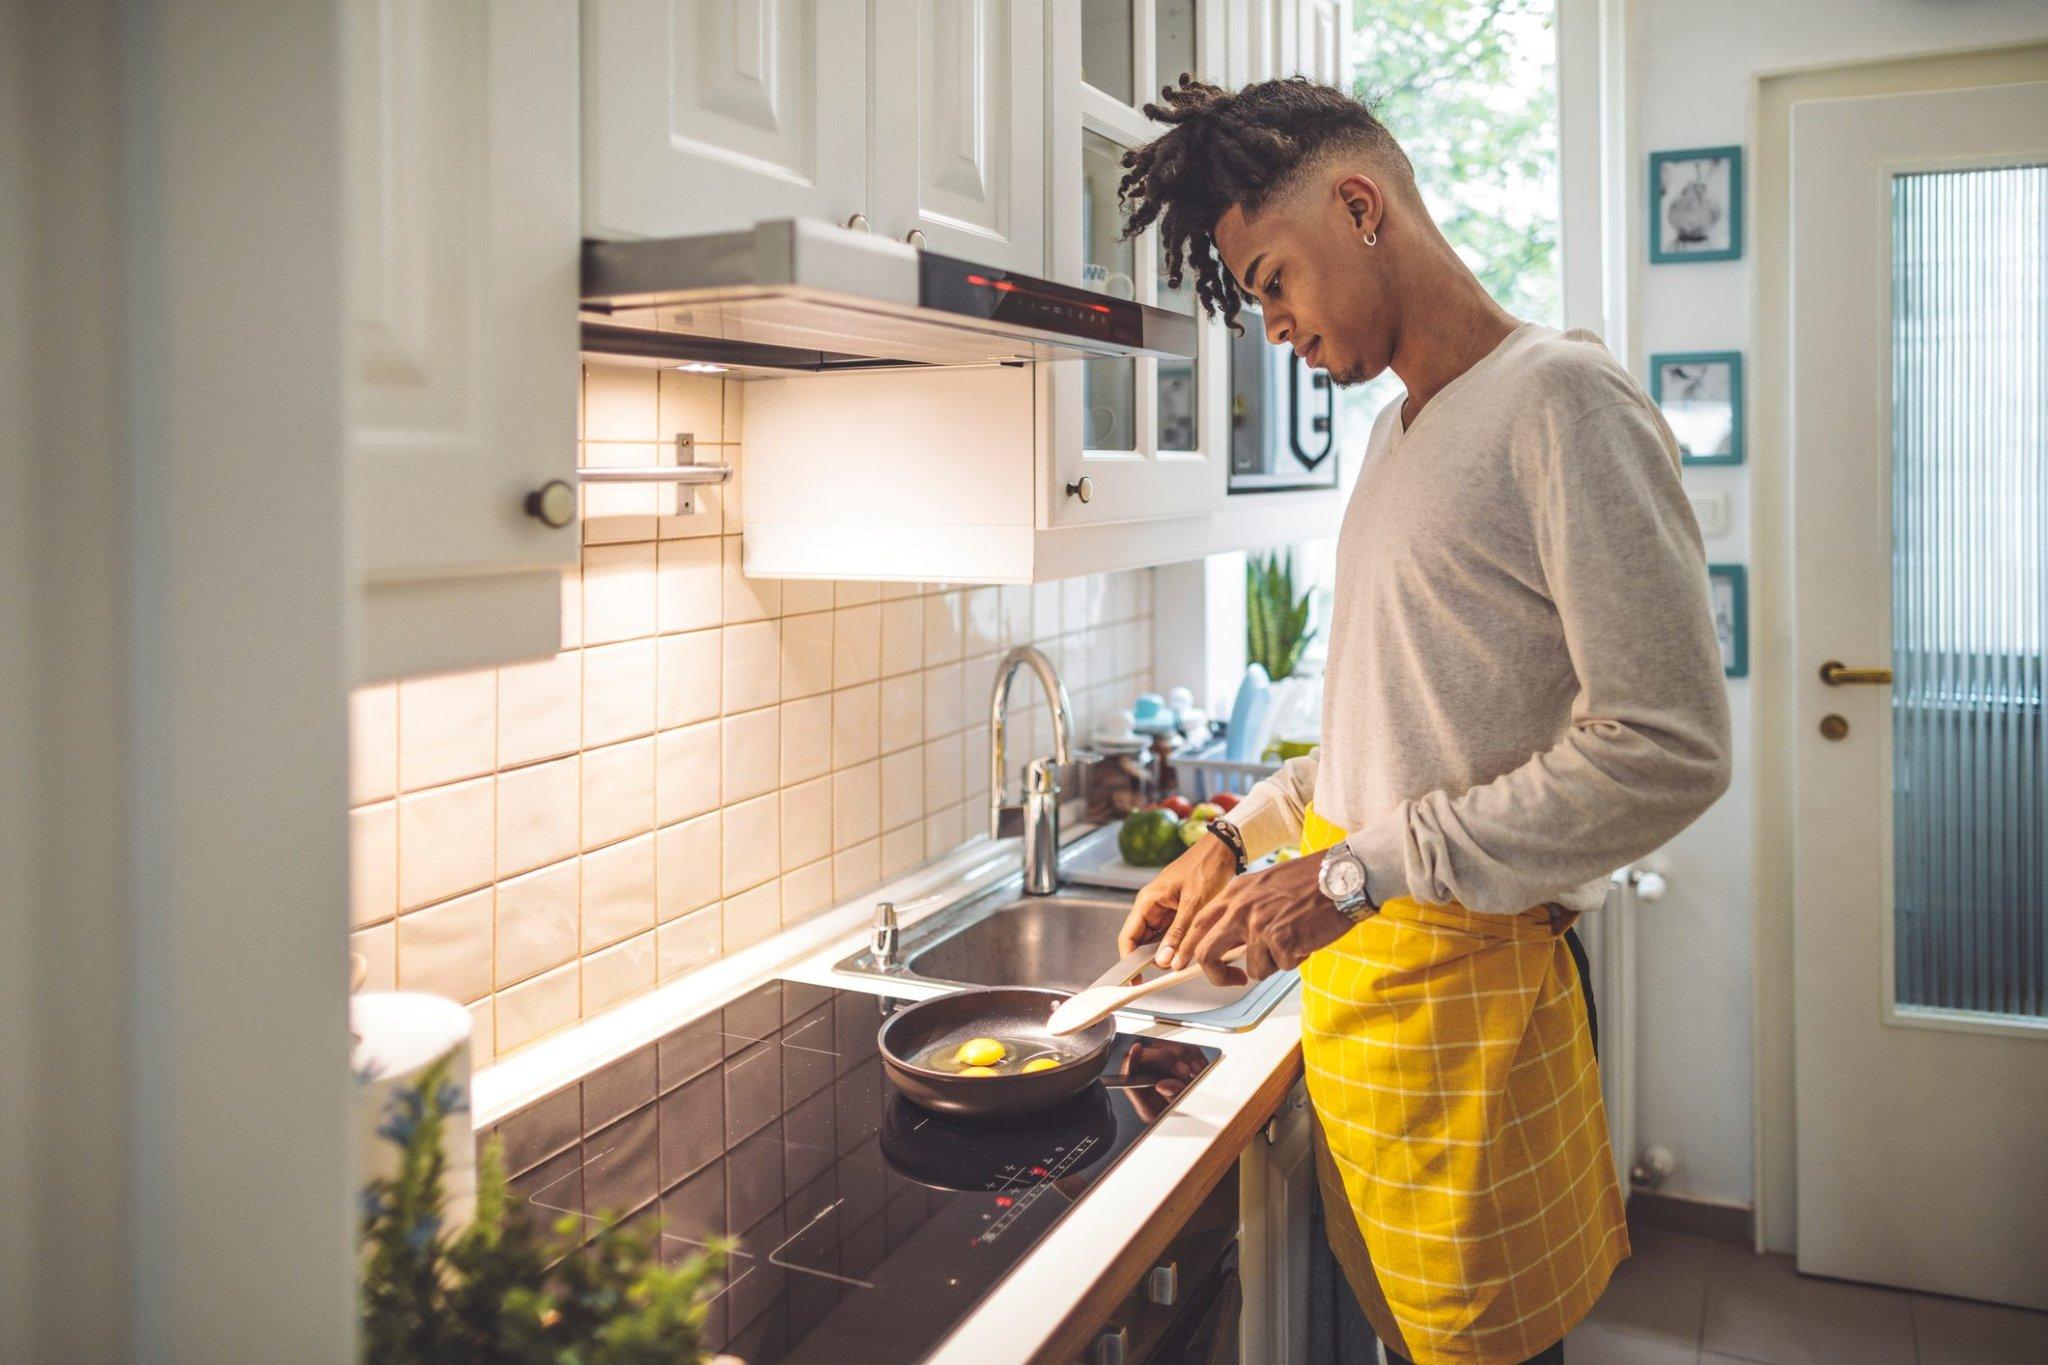 8 Healthy Breakfast Ideas for Better Mornings